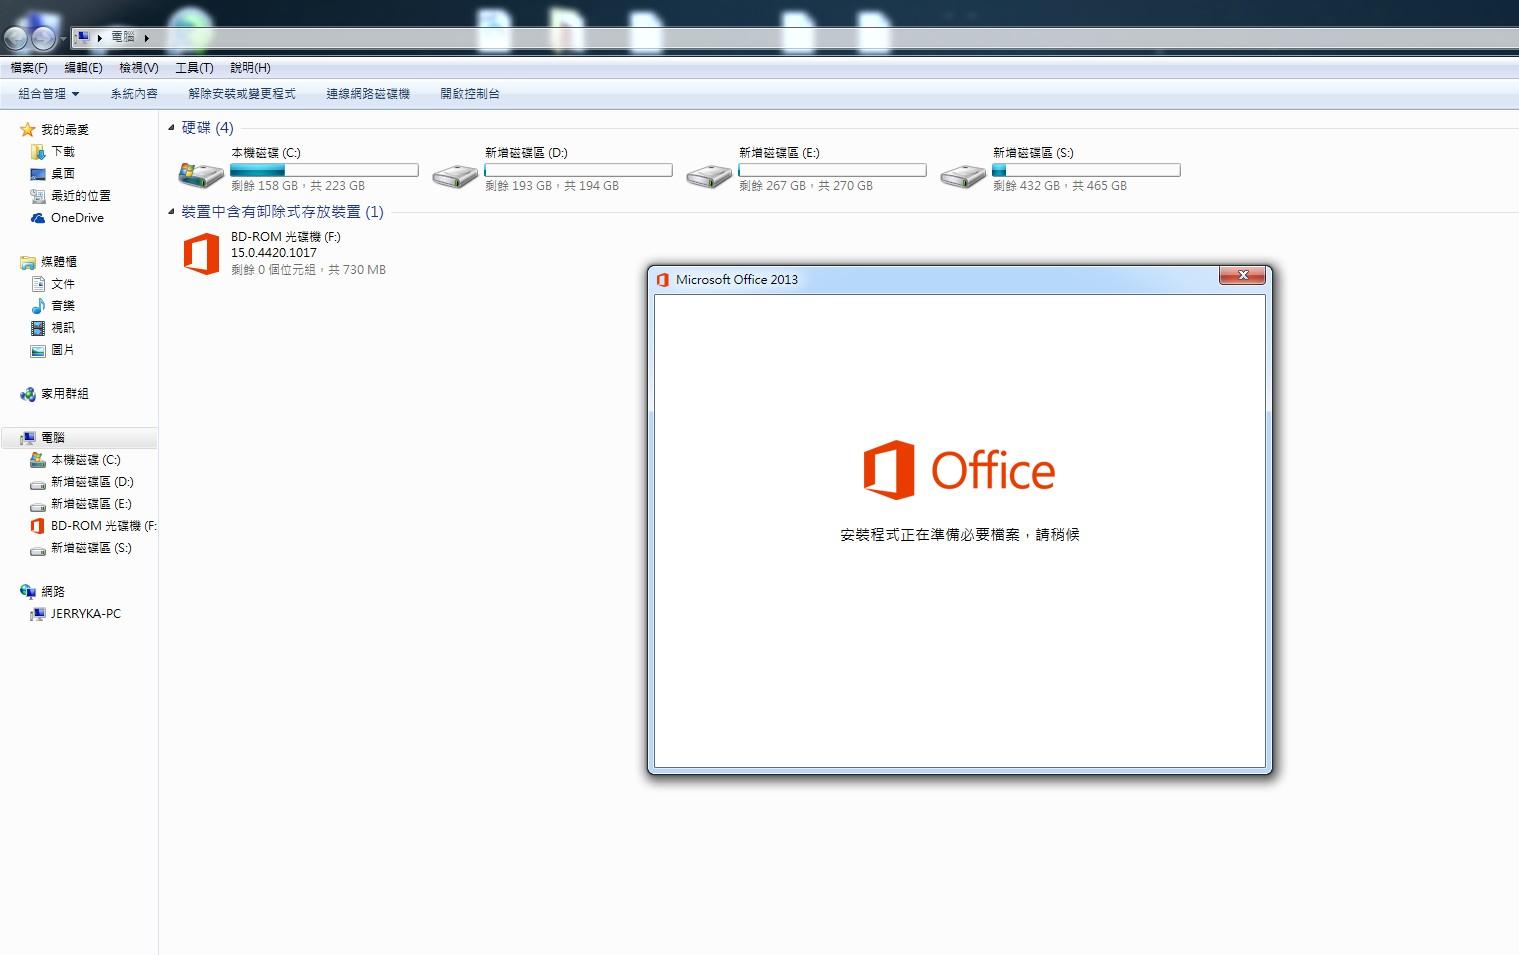 軟件集中: Microsoft Office 2013